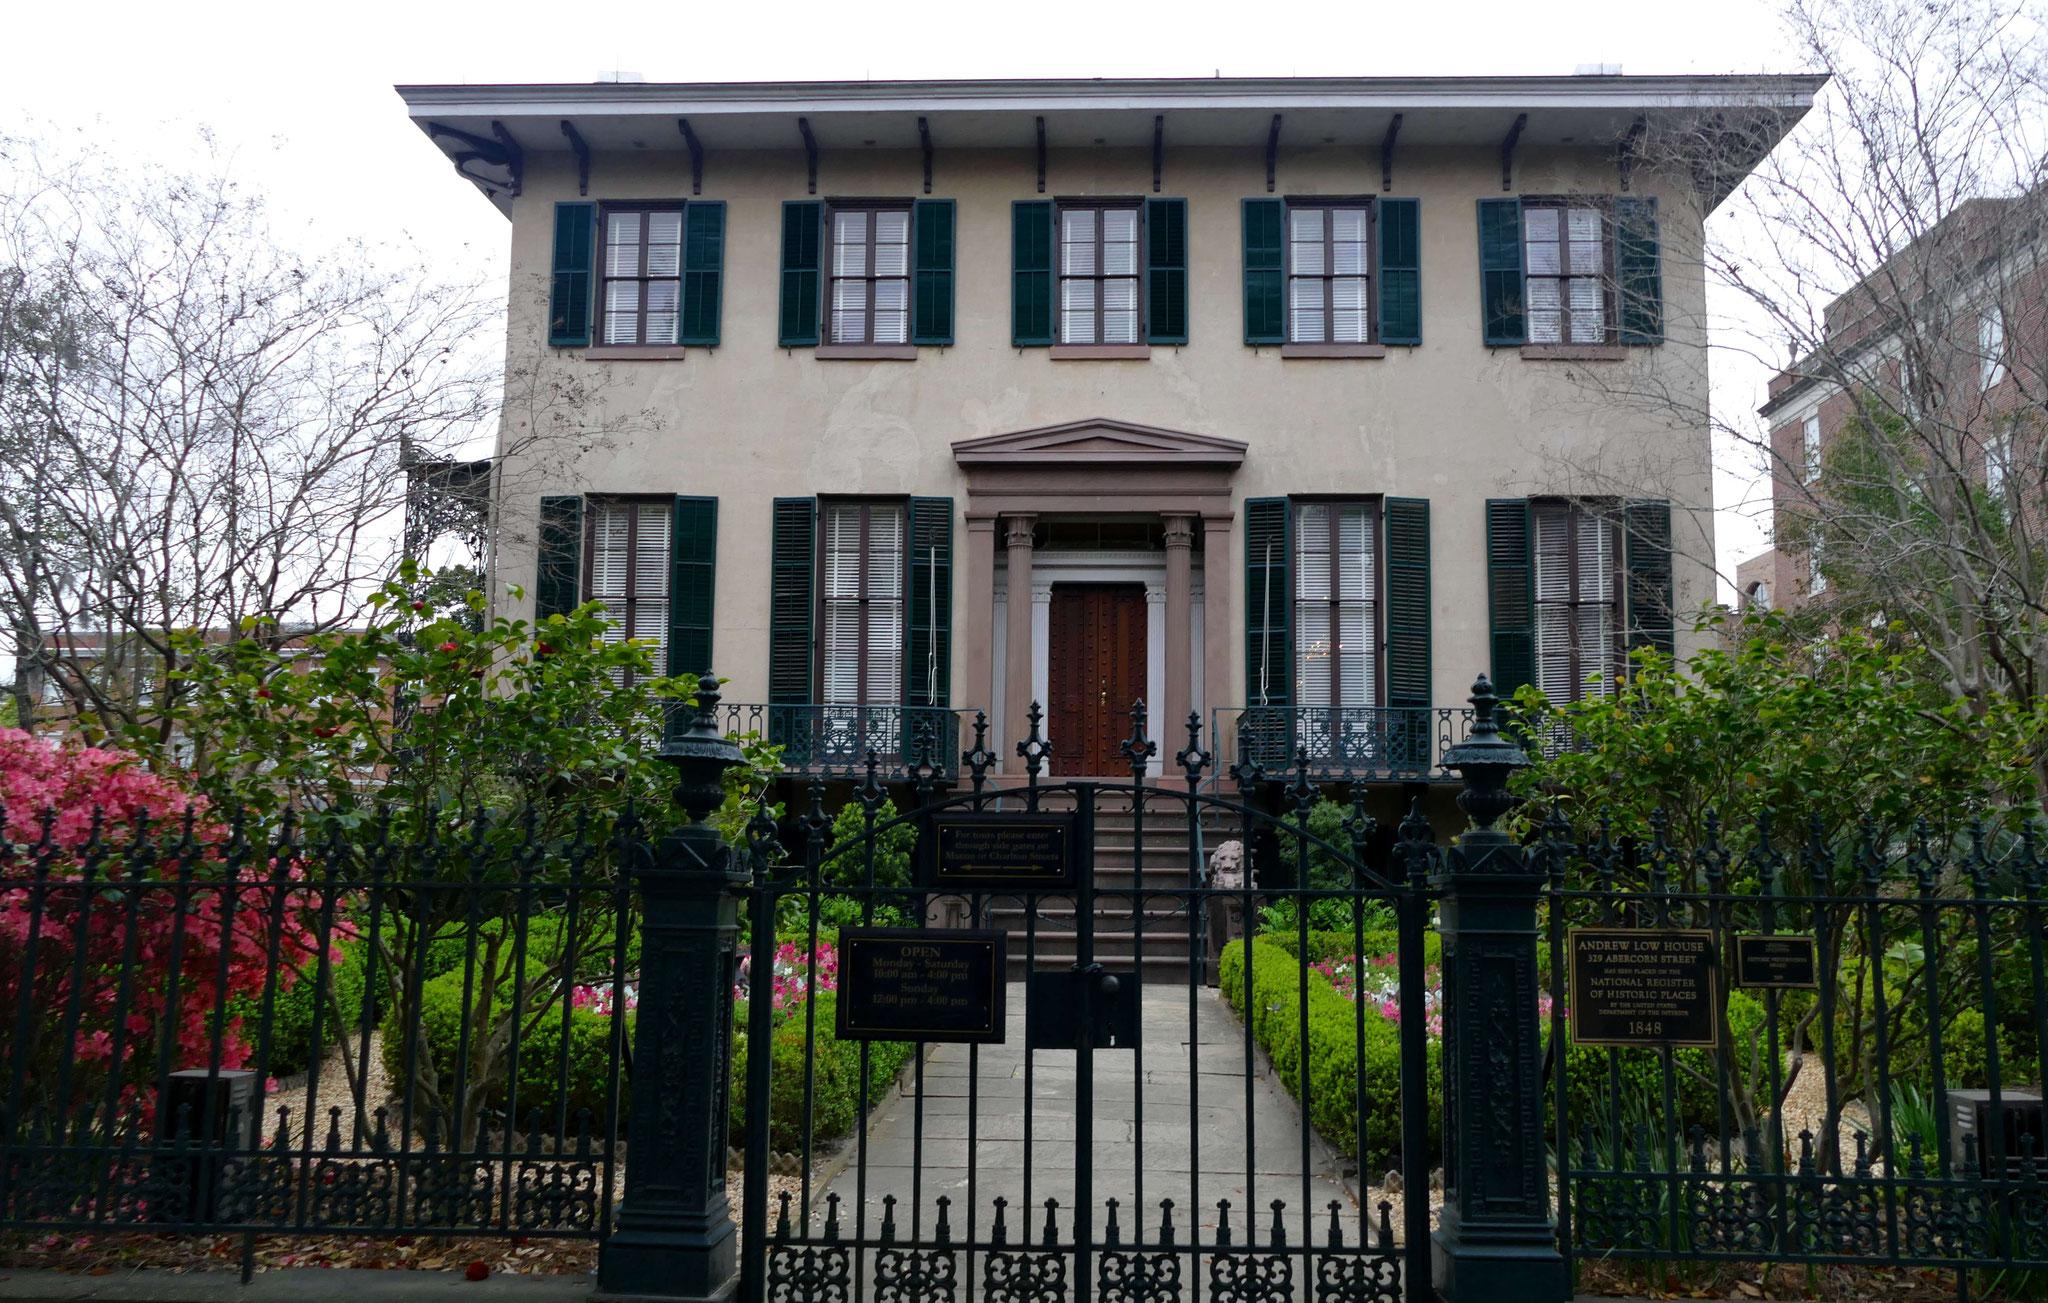 Owens-Thomas-Haus (1819) mit Baustilelementen aus der Antike (griech. Erneuerung / Greek Revival)